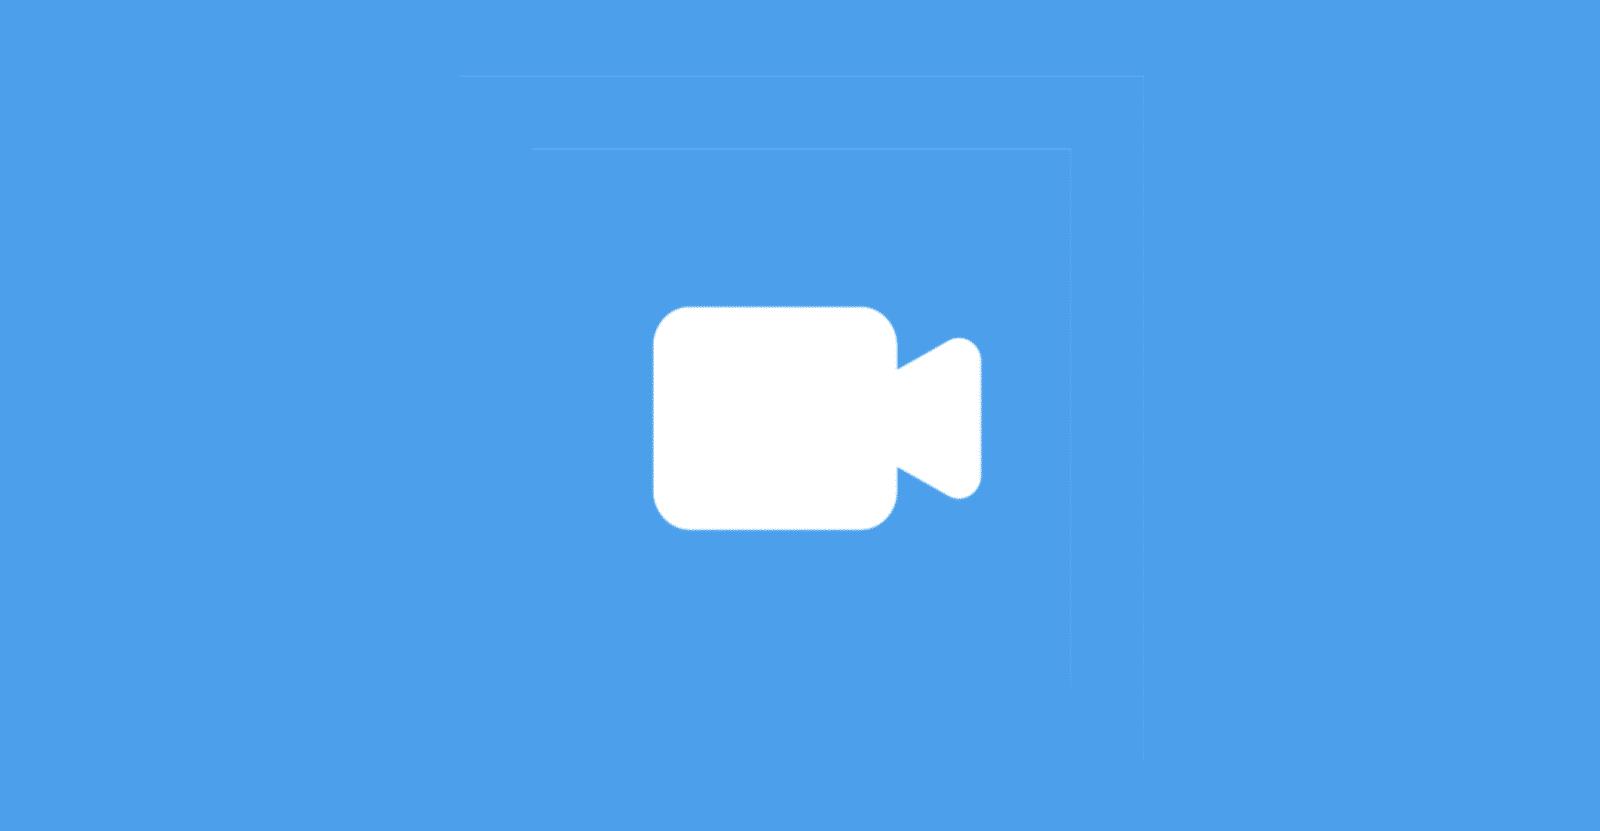 สถิติล่าสุดวิดีโอบน Twitter เติบโตขึ้นเท่าตัว + เทคนิคทำวิดีโอจาก Twitter